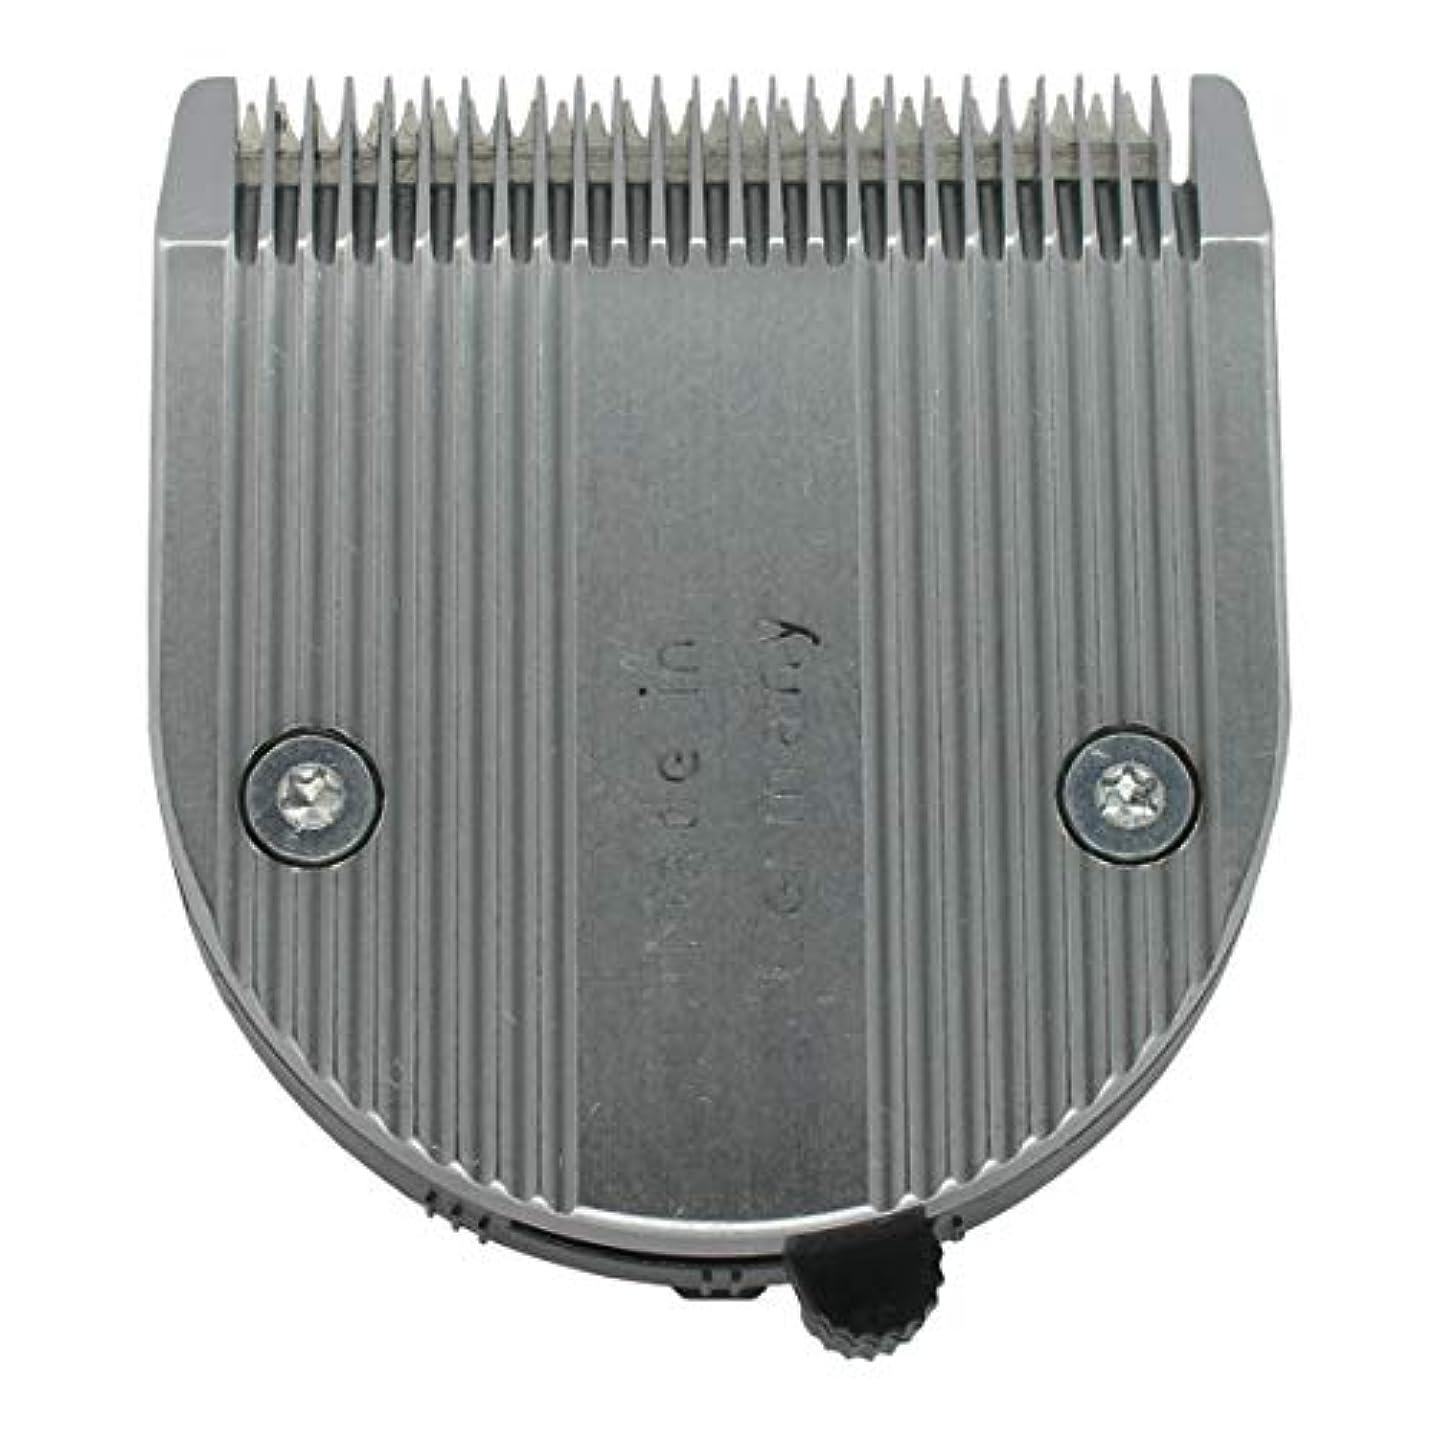 告白するかすかな現像WAHL クロムスタイル/ベリッシマ用替刃 可変0.6~3mm KM1854-7505